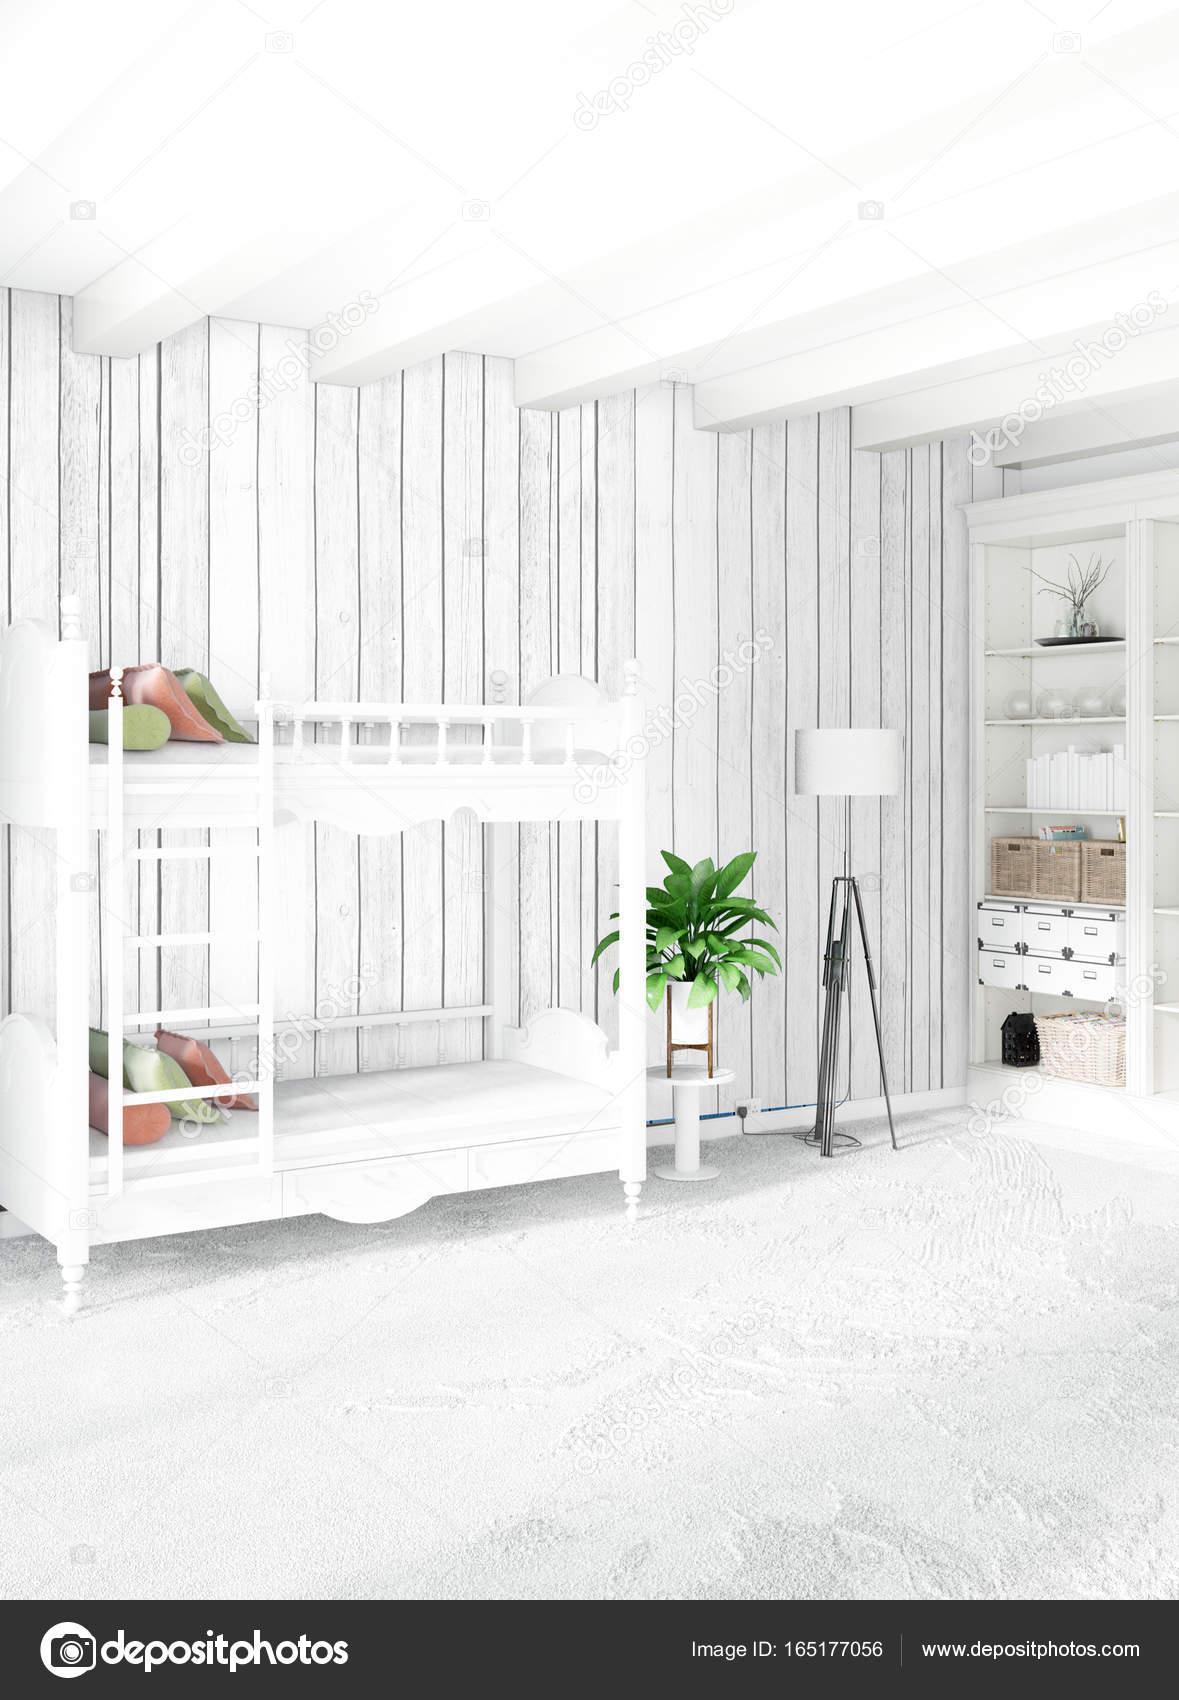 Chambre de bébé intérieur loft moderne ou pépinière avec paroi d ...